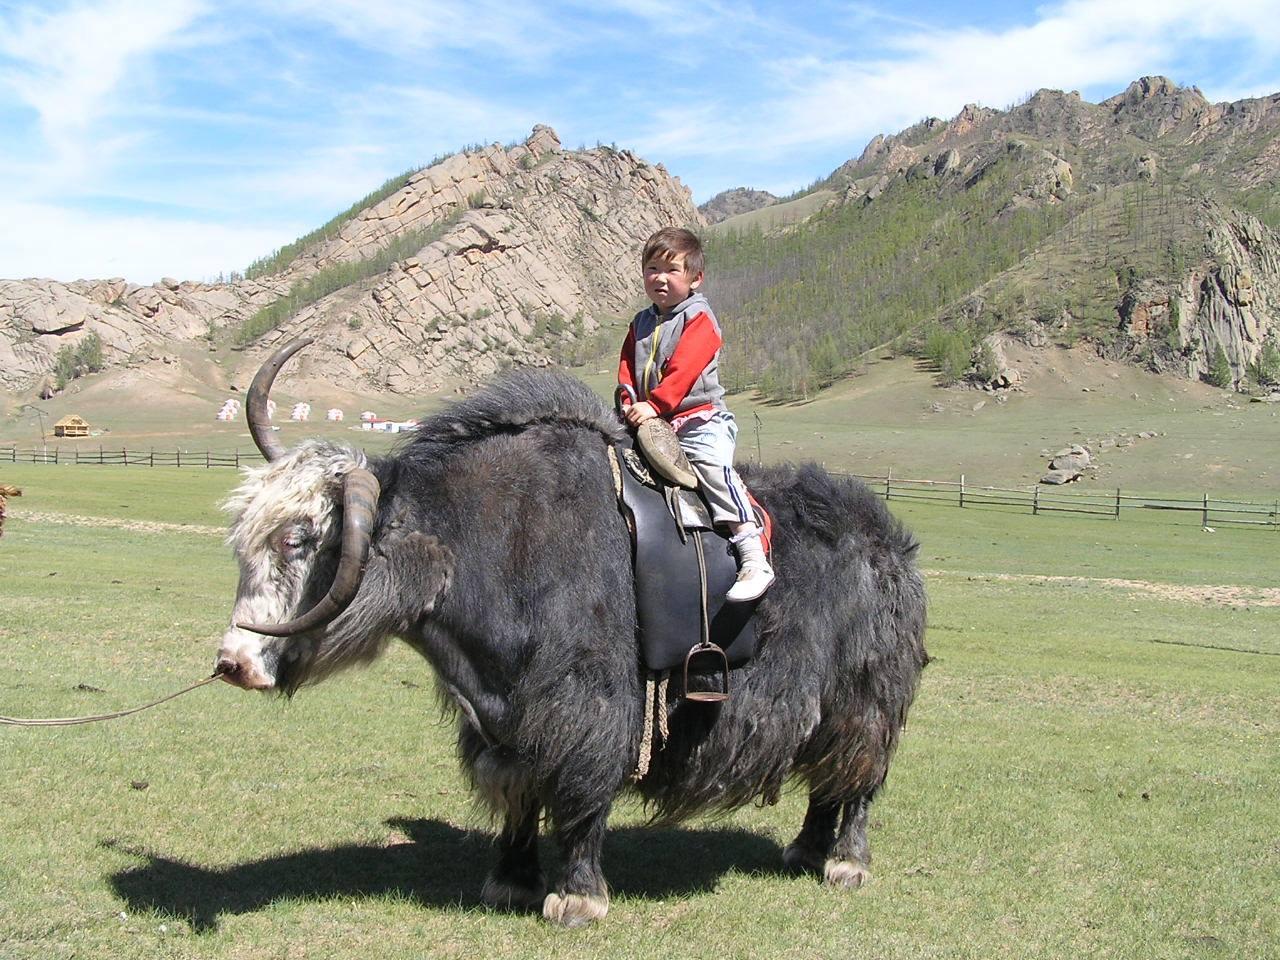 Mongolija 42494983_1890019344452434_8954162103762026496_n